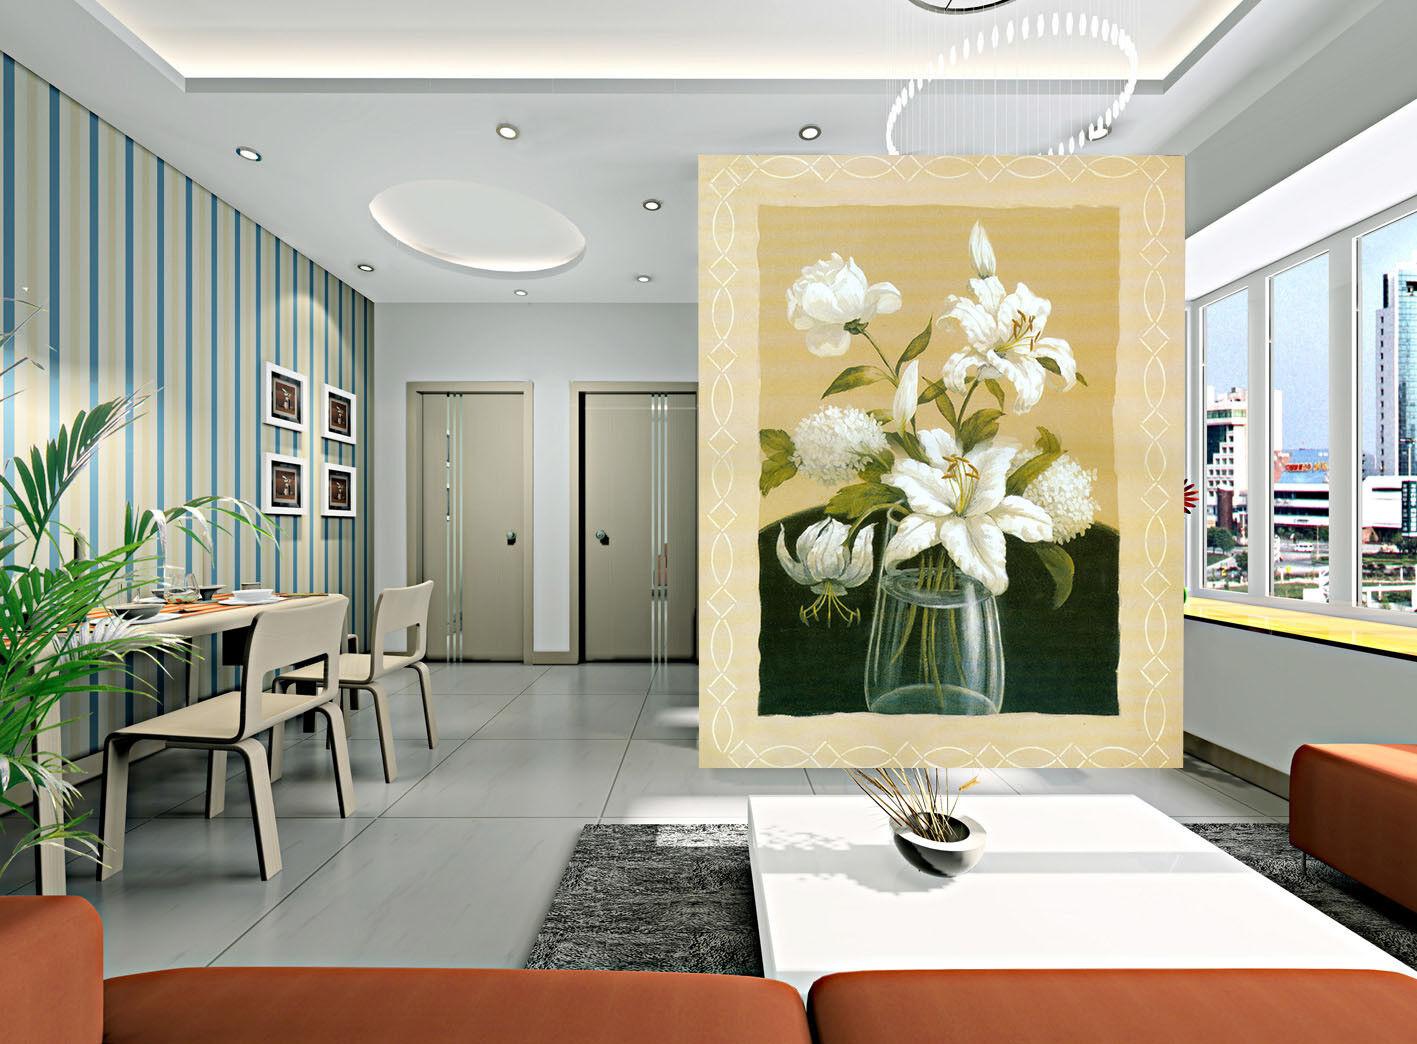 3D Weiße Rosa Lilie Blaumen 74 Tapete Wandgemälde Wandgemälde Wandgemälde Tapete Tapeten Bild Familie DE    Neuer Markt    Hohe Qualität und günstig    Ruf zuerst  fd14ba